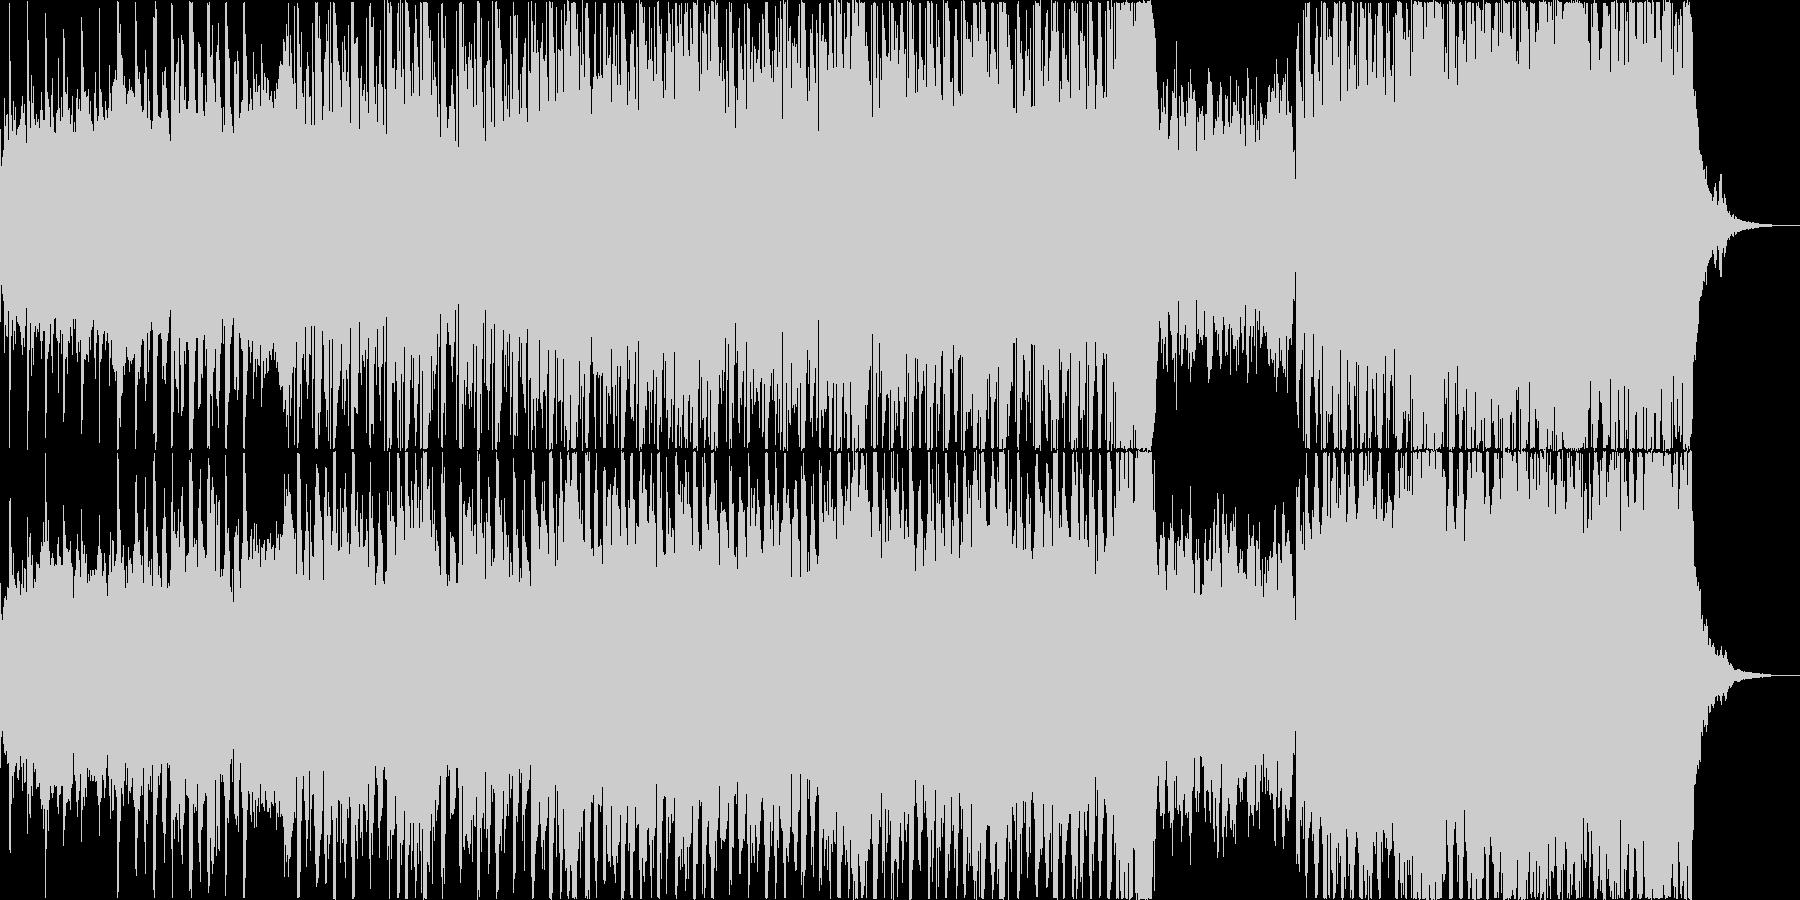 神秘的で思慮深く洞察的なエレクトロの未再生の波形